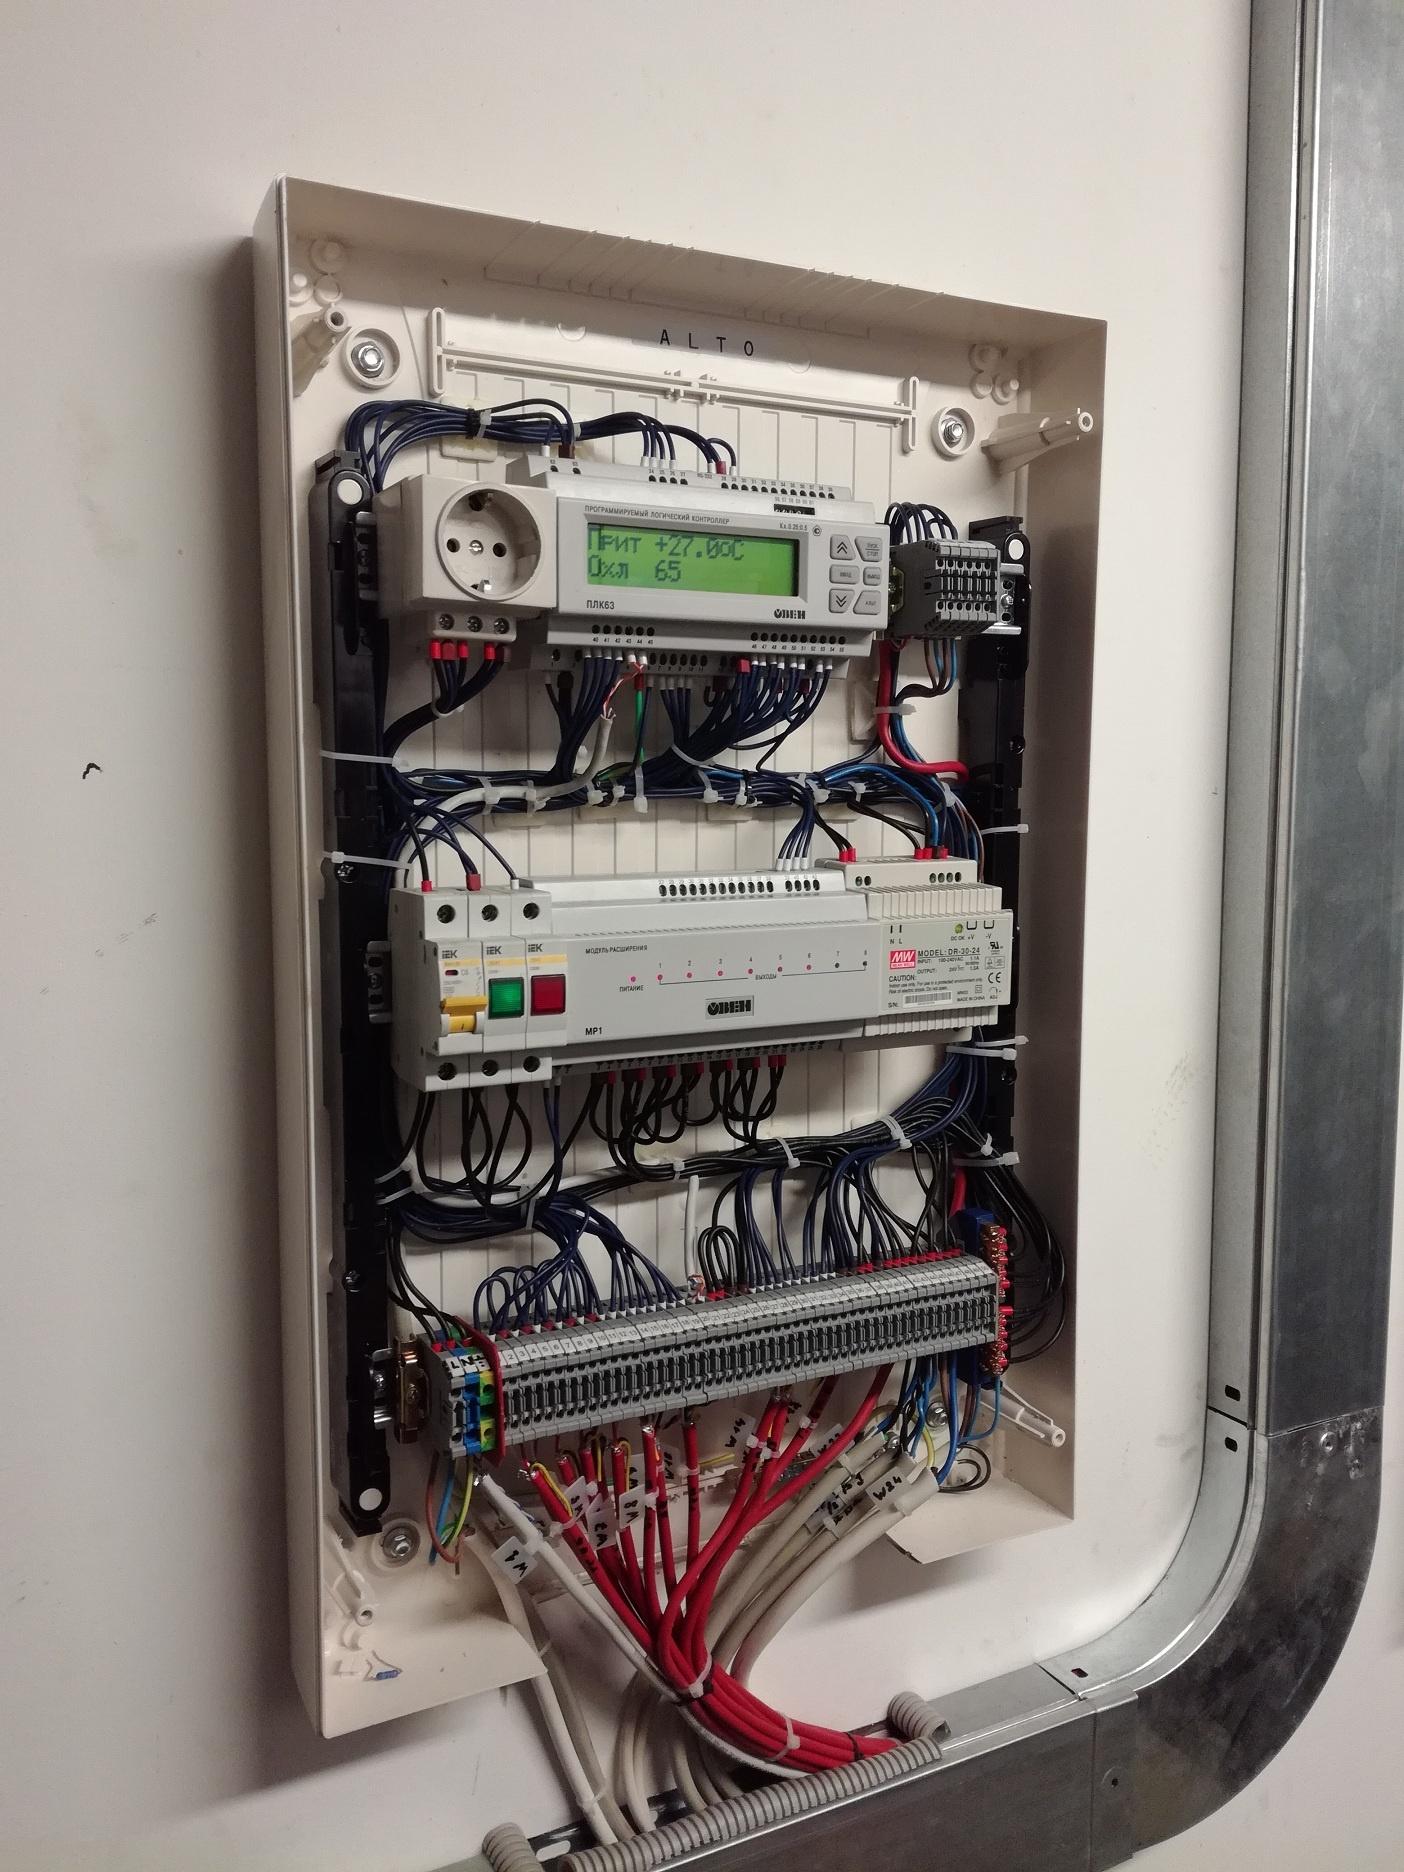 ПЛК от производителей Овен, Segnetics и Schneider Electric для HVAC - 3